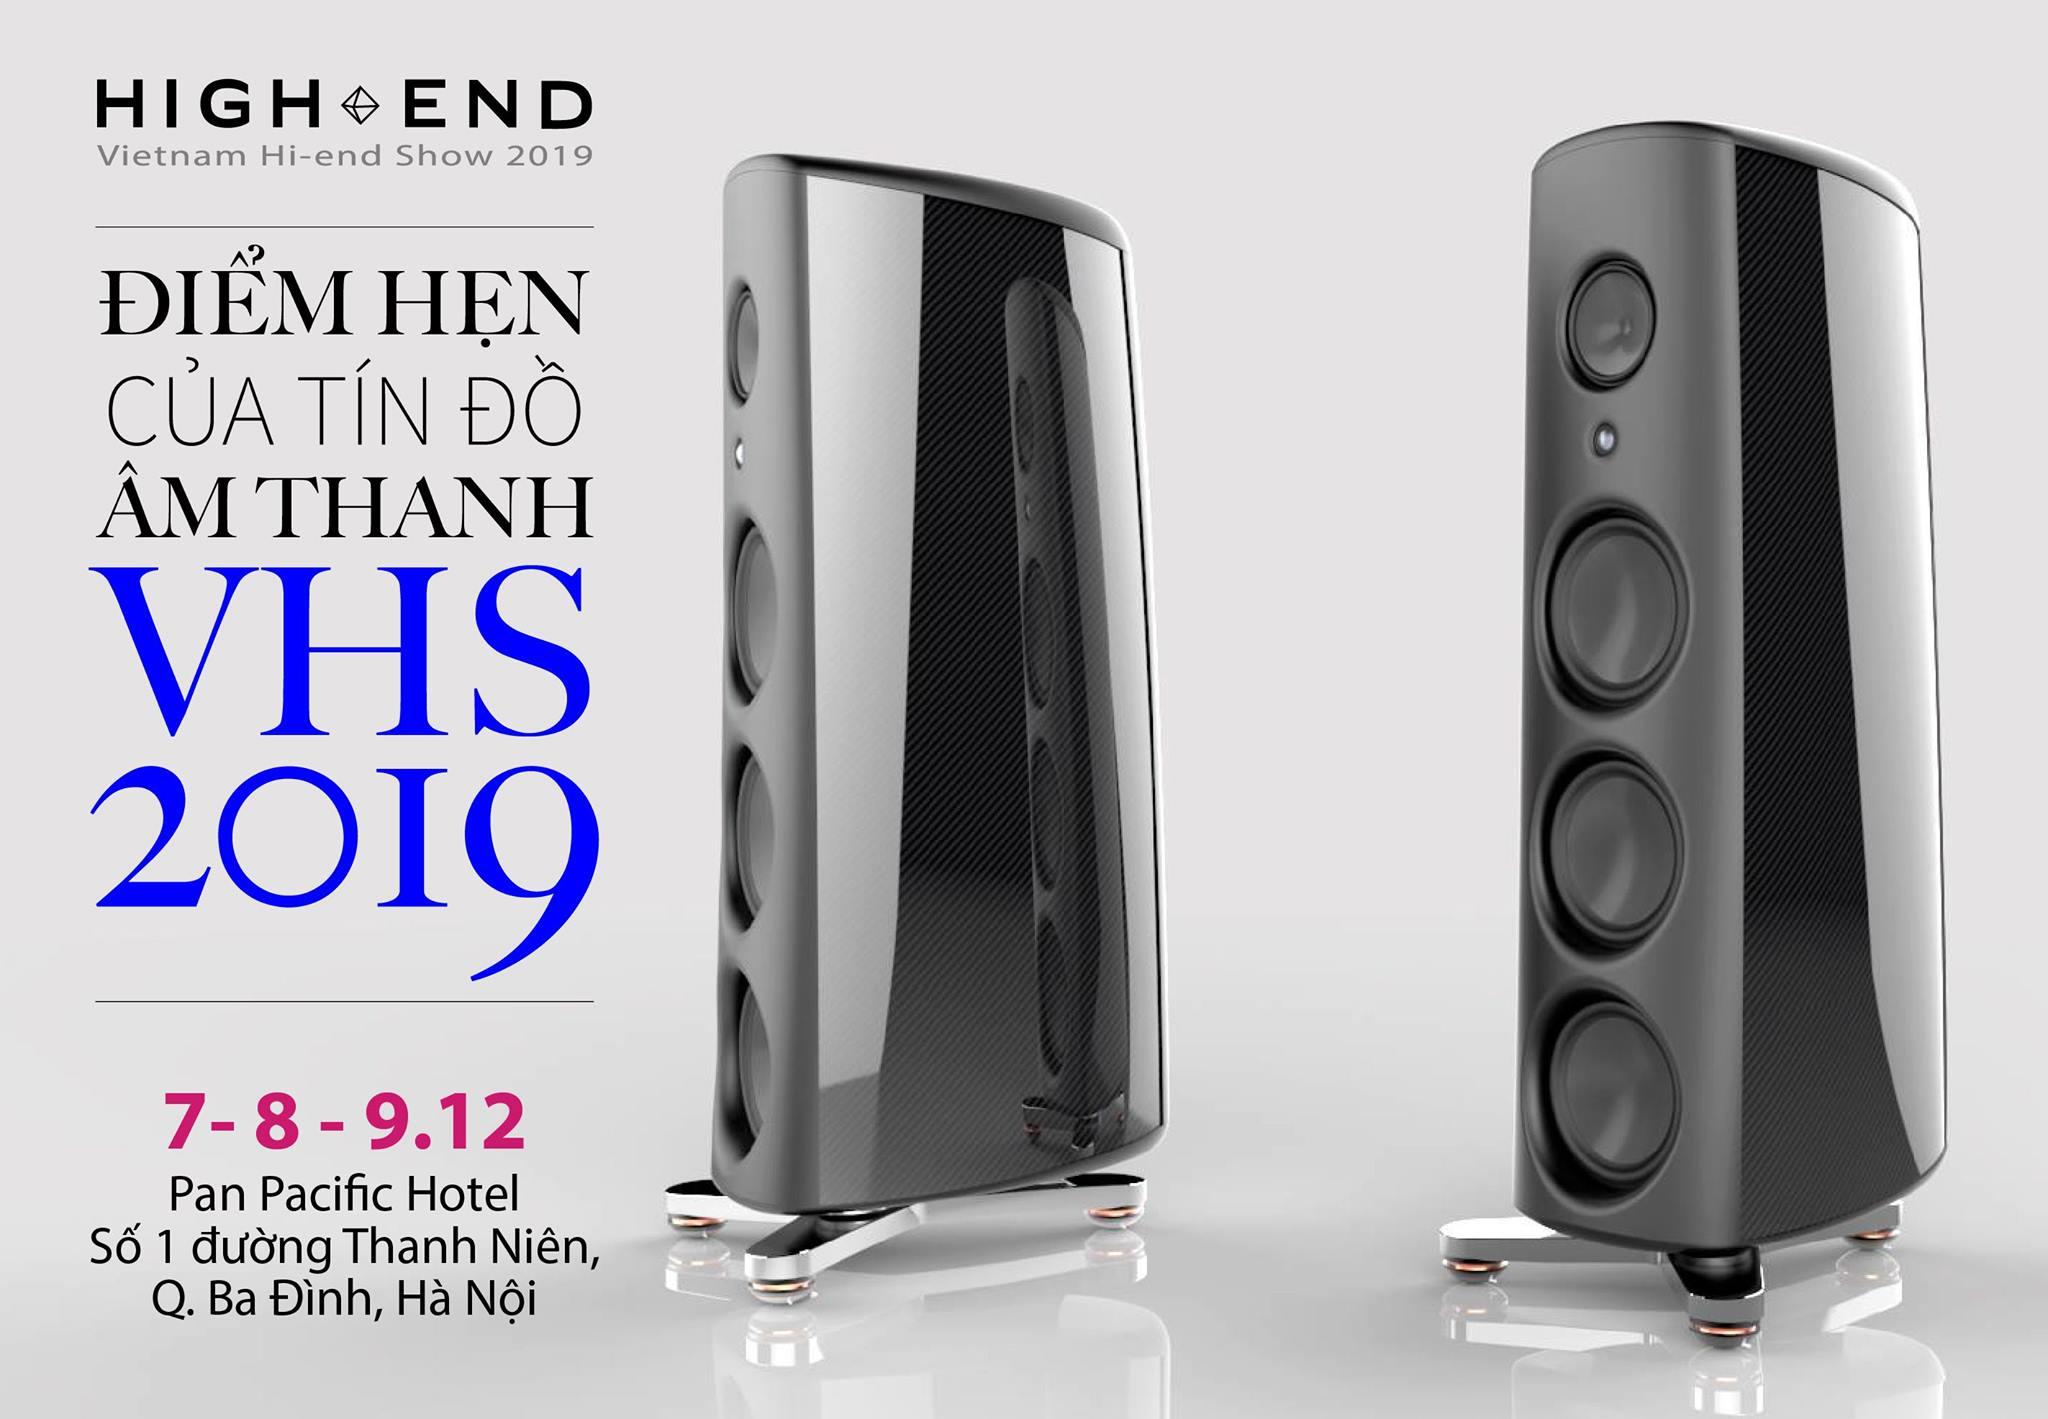 vietnam hiend show 2019 1